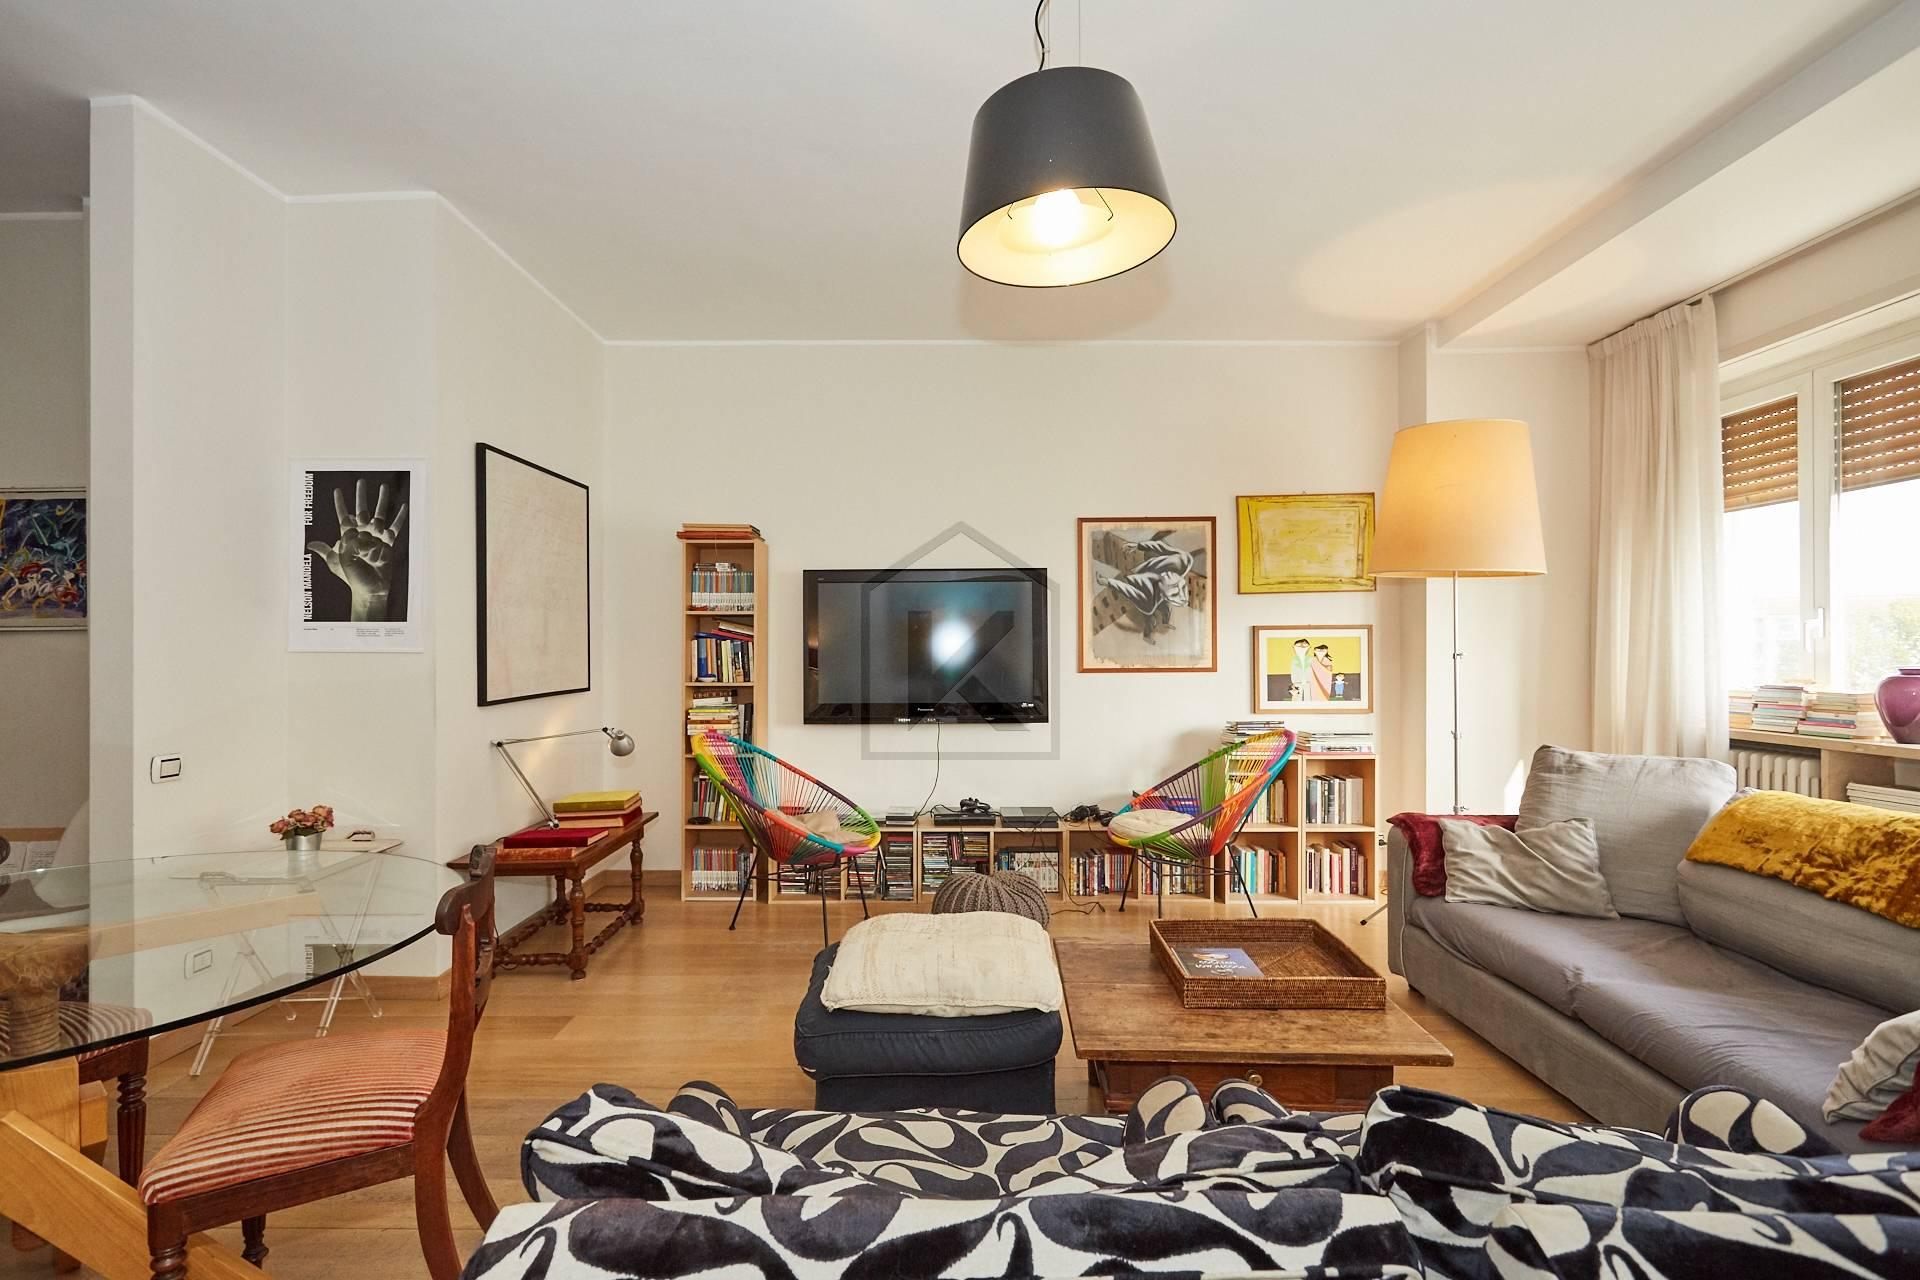 Appartamento in Vendita a Milano 19 Farini / Maciachini / Gattamelata / Sempione / Monumentale: 4 locali, 150 mq